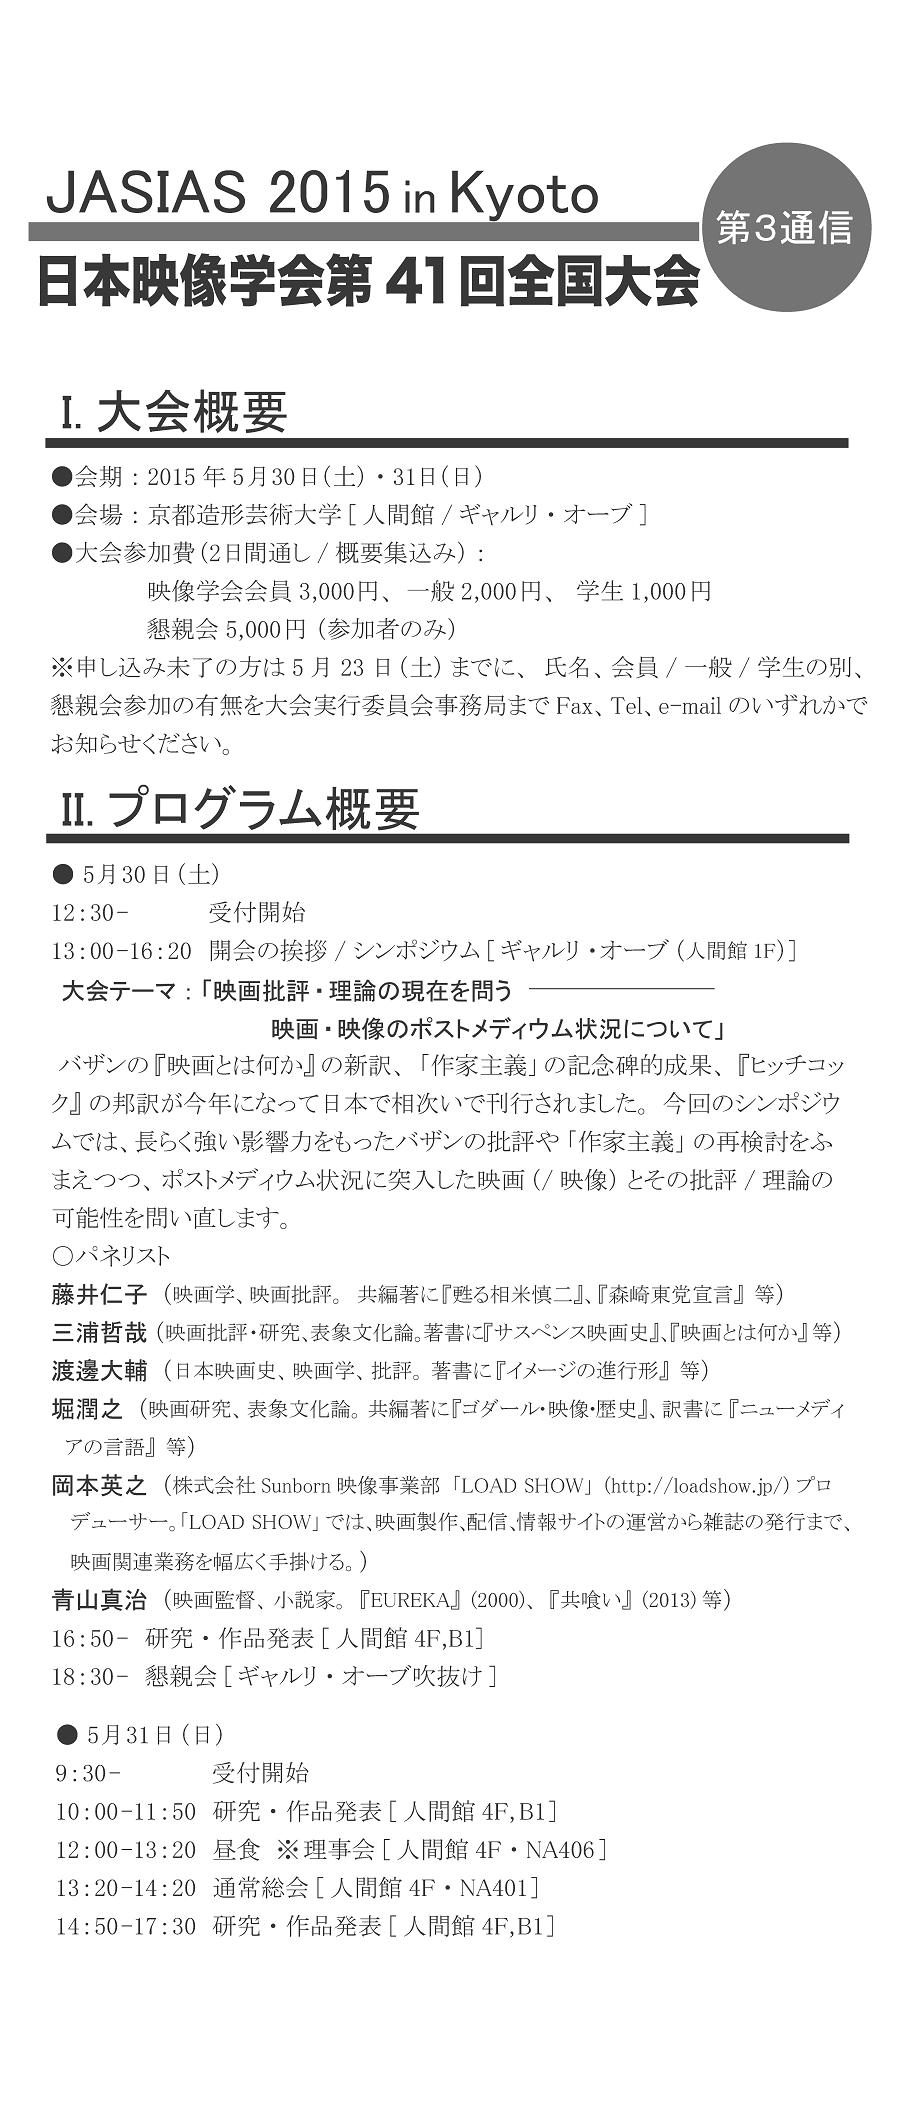 日本映像学会第41回大会第3通信1/3画像